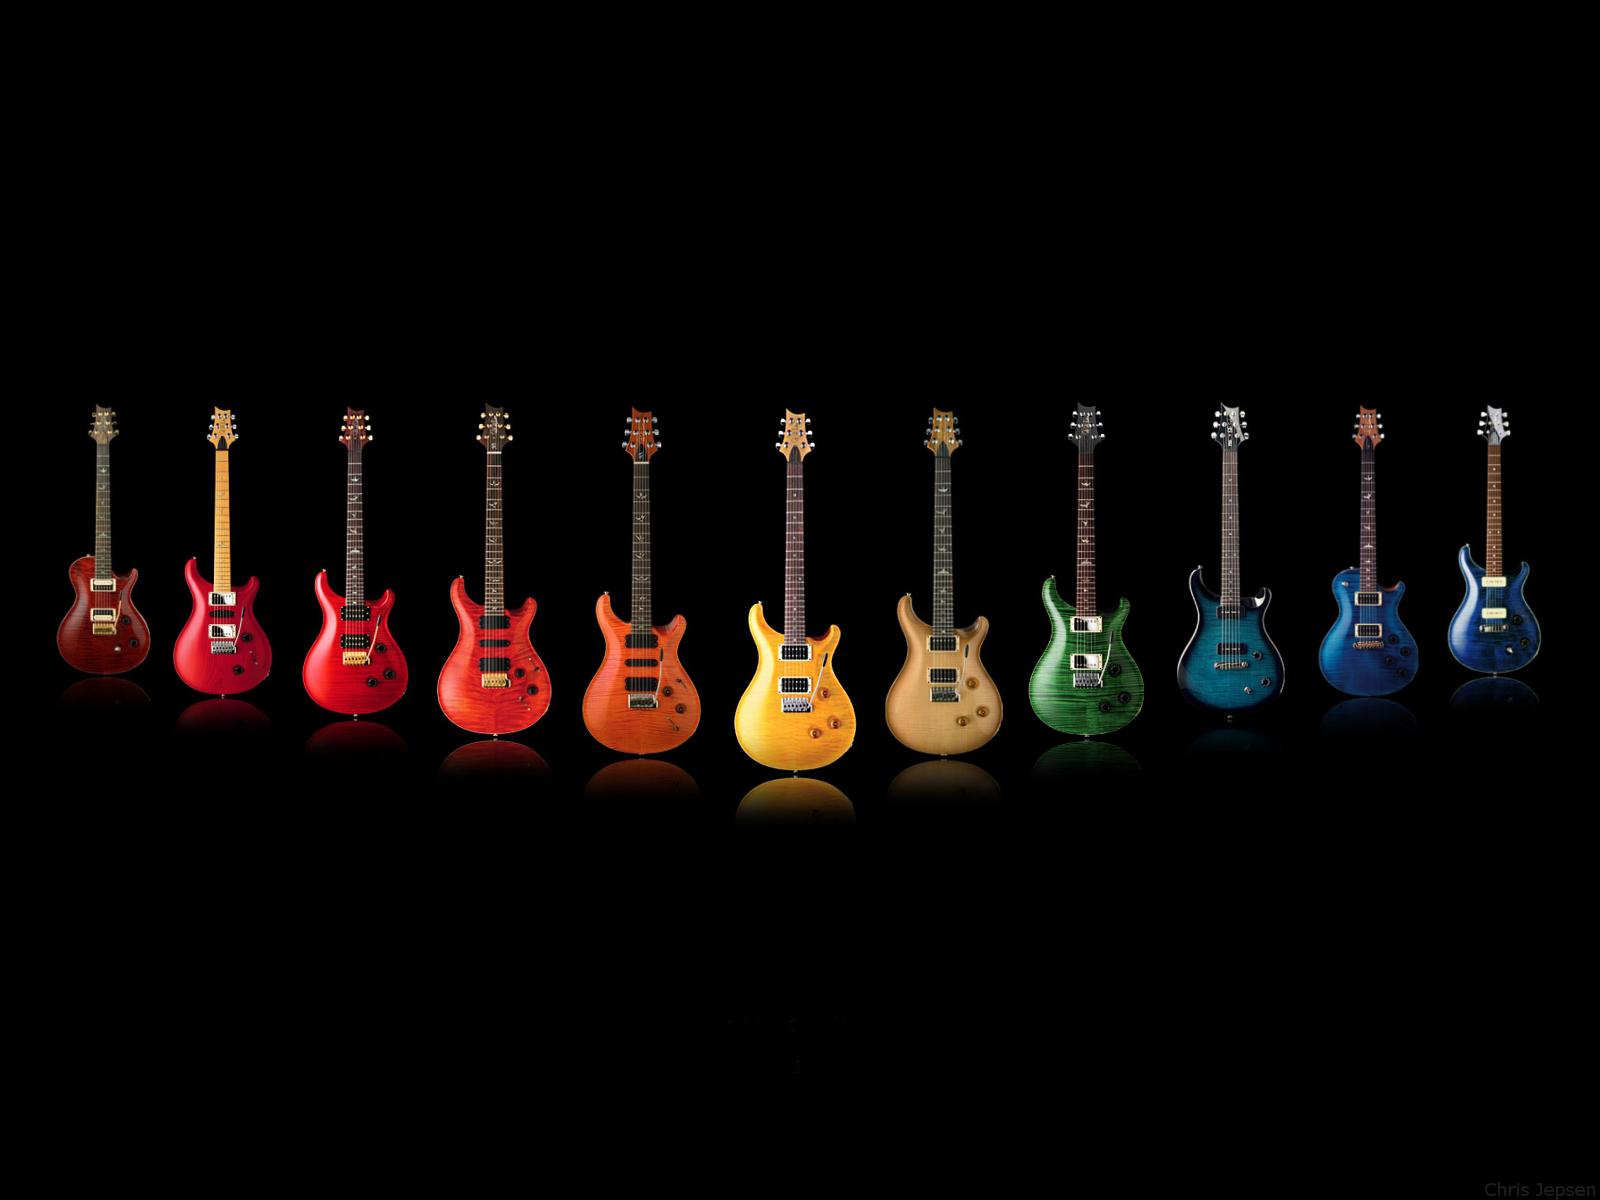 Prs Guitar Wallpaper Hd 1080p Wallpapersafari